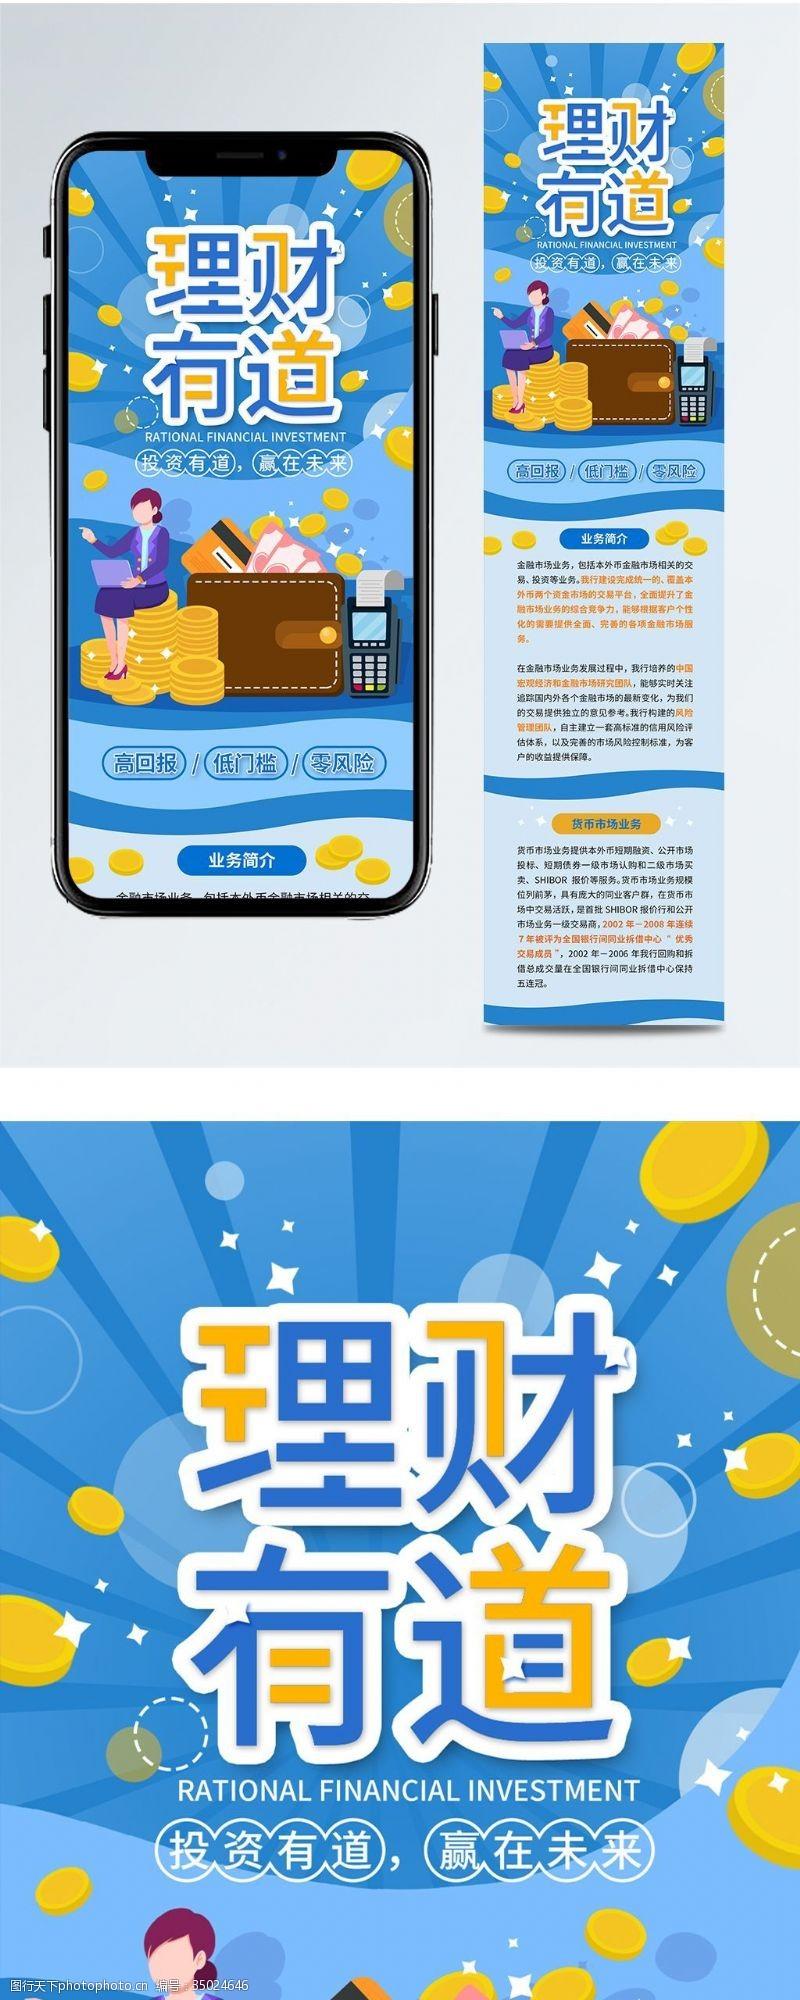 手机微信配图投资理财商业金融介绍海报信息长图